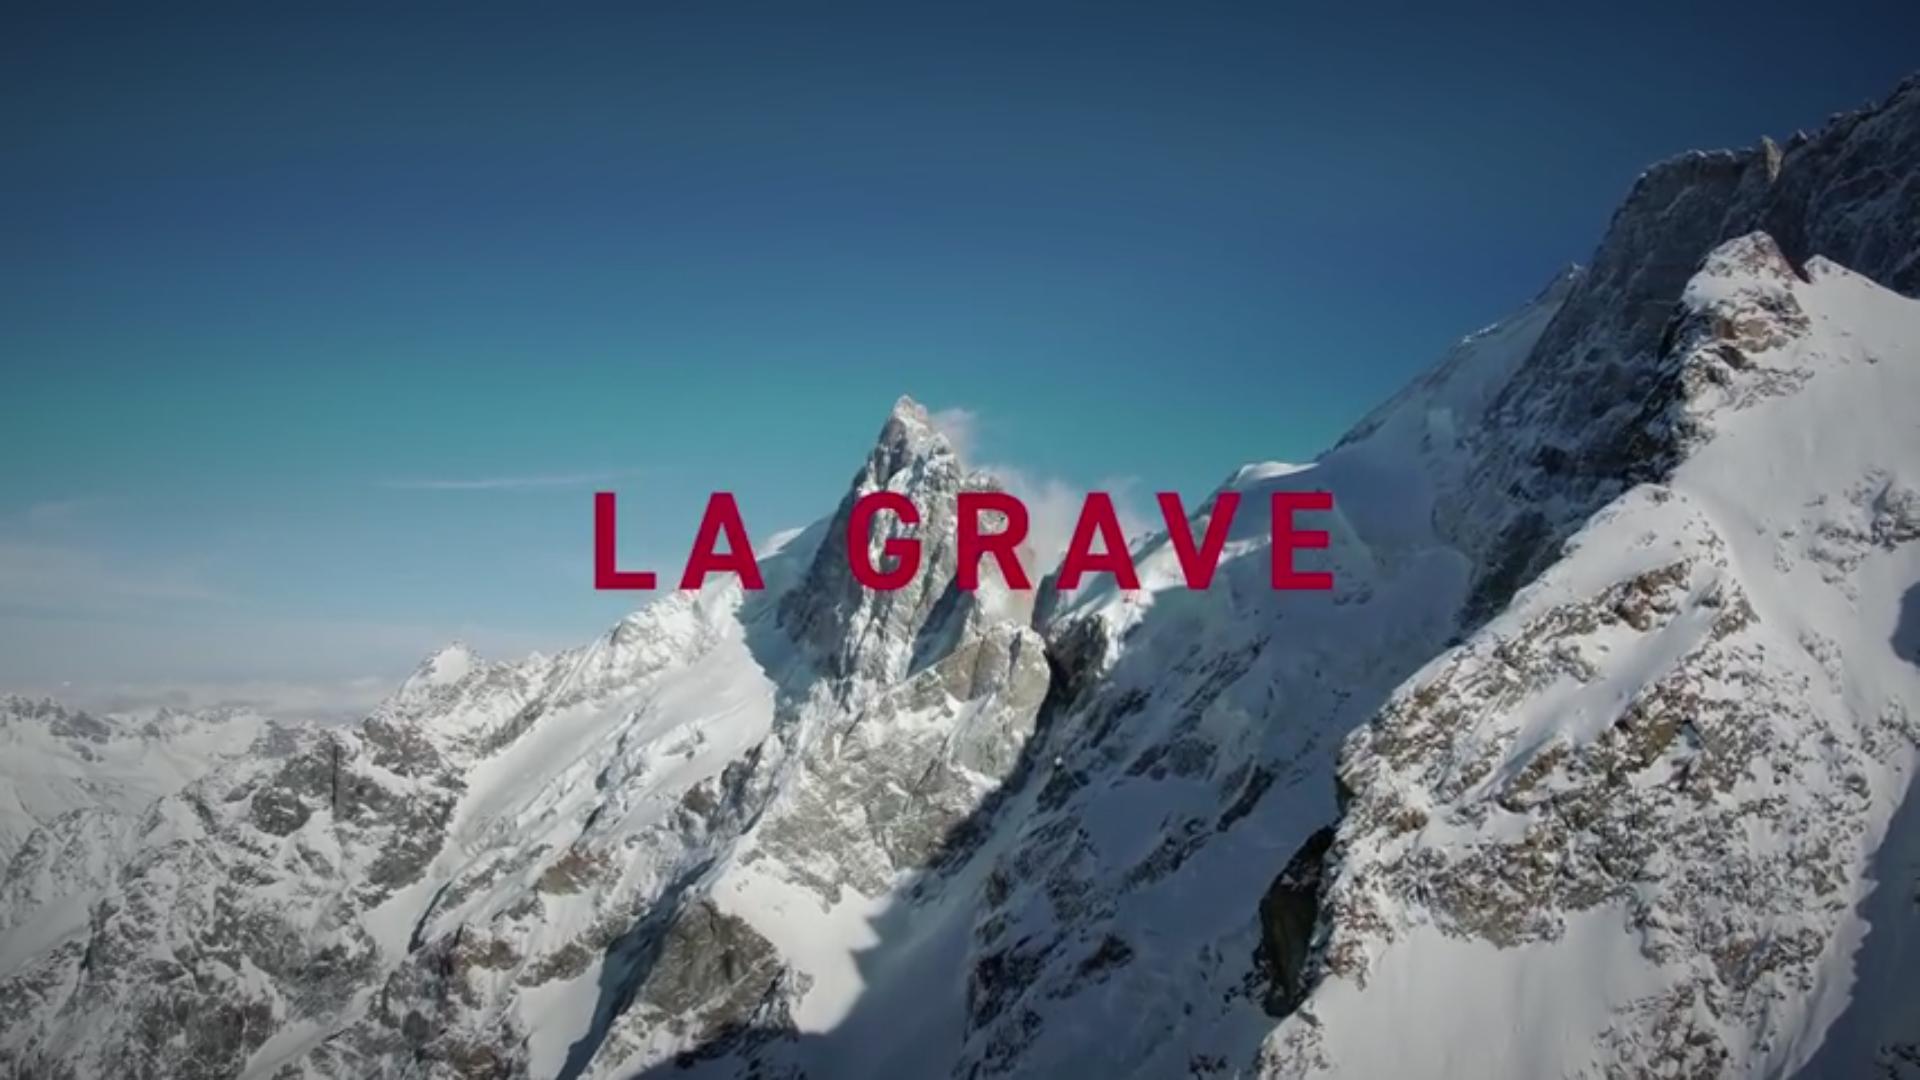 La Grave – freeride po francusku